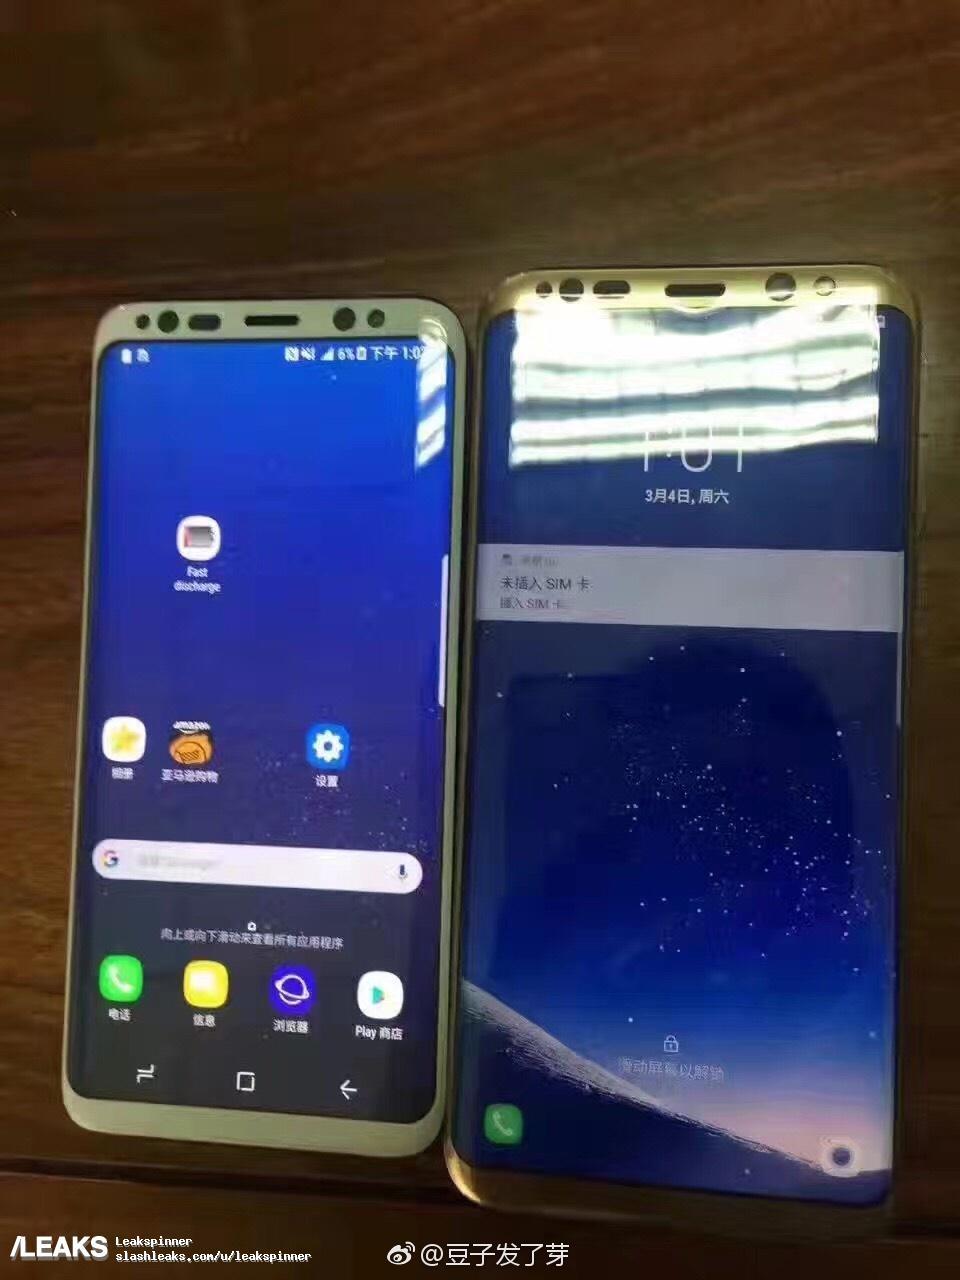 تصاویر جدیدی از گوشی هوشمند گلکسی S8 و گلکسی S8 پلاس منتشر شده است که برخی از مشحصات سخت افزاری آن را نیز همچون صفحه نمایش همیشه روشن درگلکسی S8 نشان میدهد